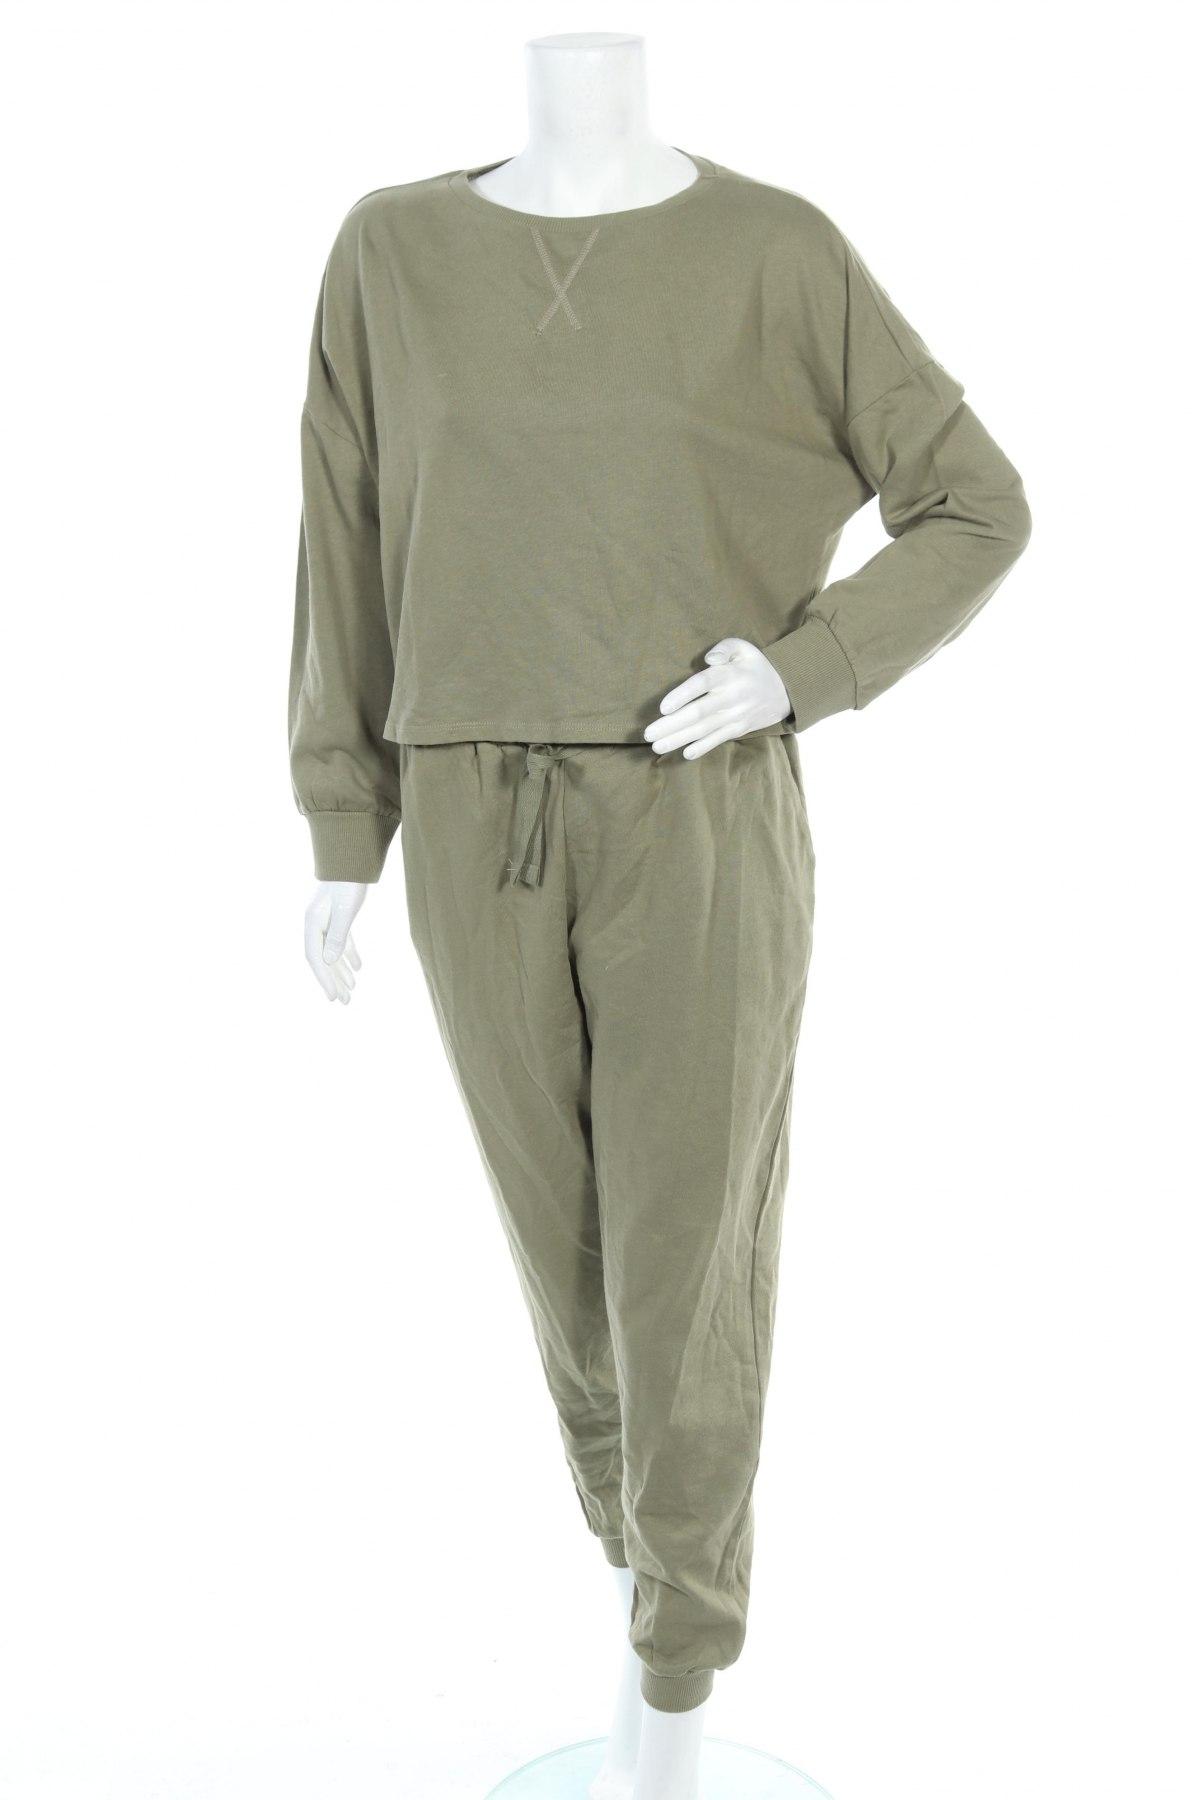 Γυναικείο αθλητικό σετ Anna Field, Μέγεθος M, Χρώμα Πράσινο, 100% βαμβάκι, Τιμή 22,40€